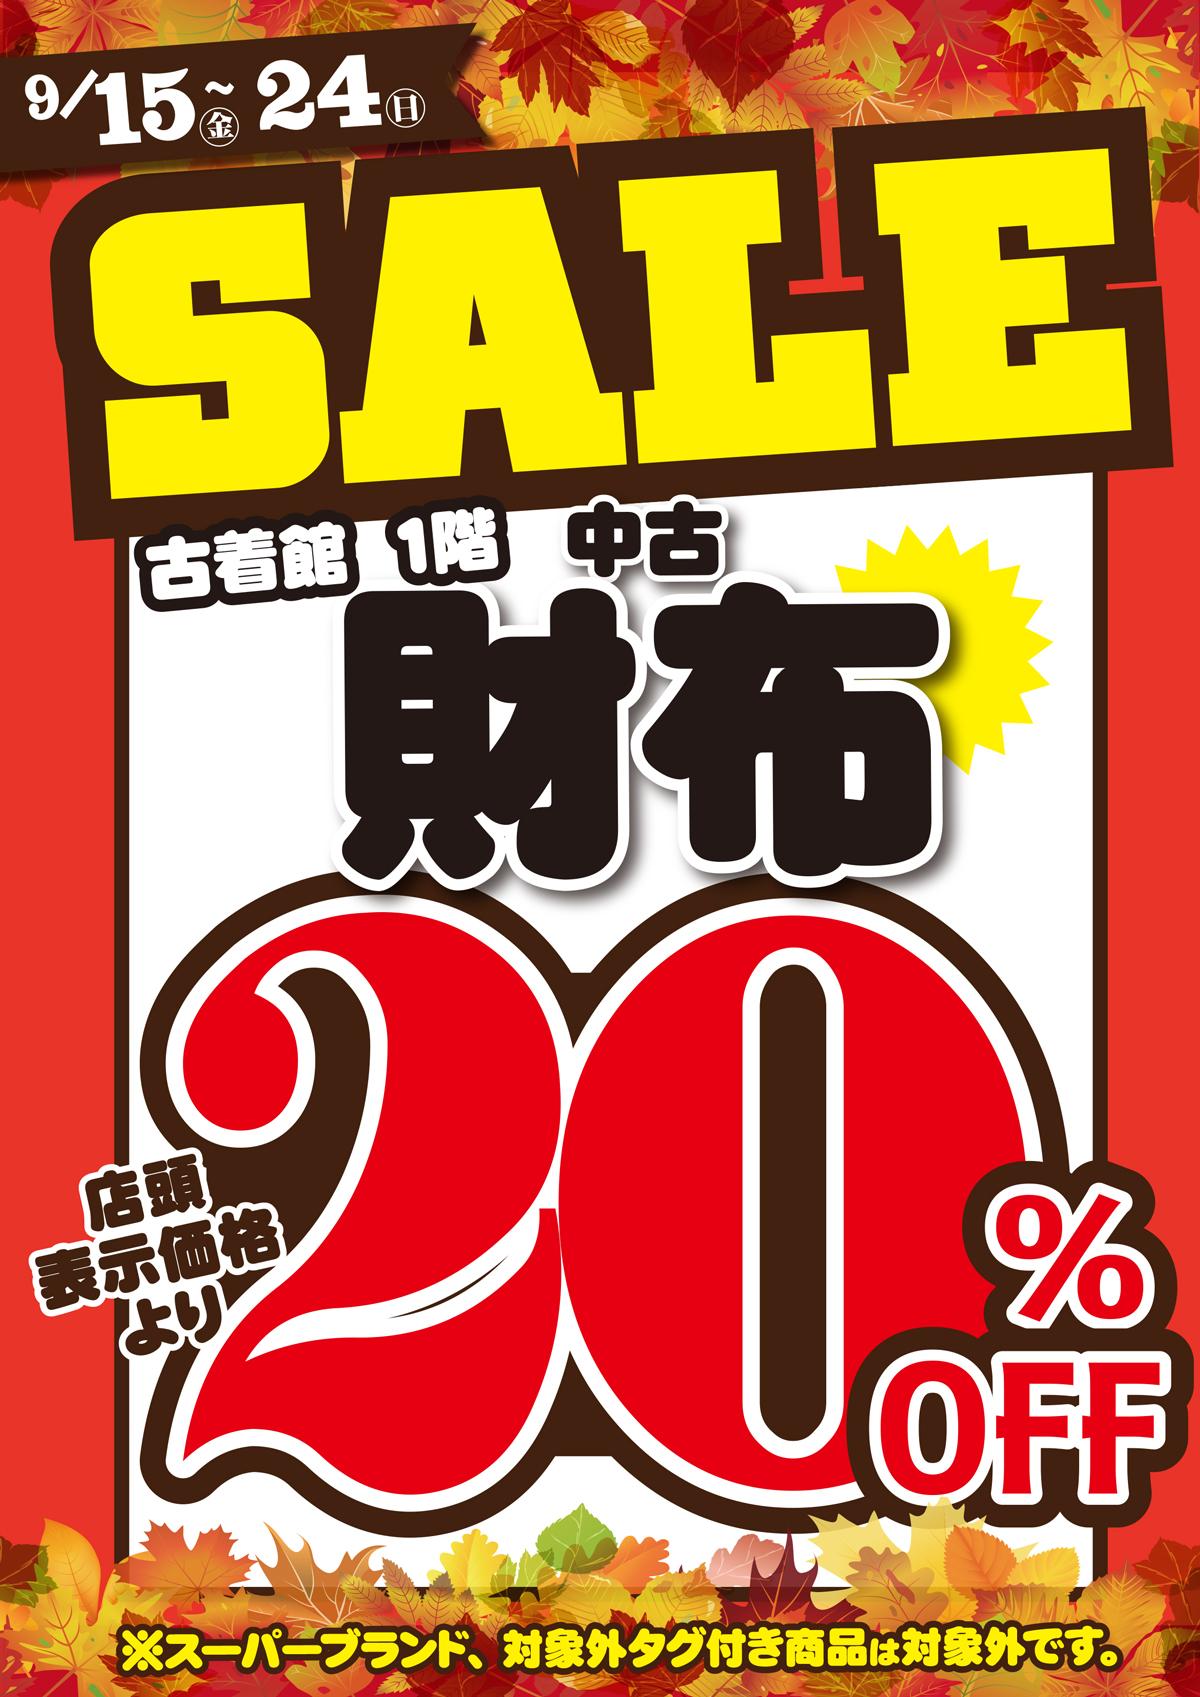 「開放倉庫山城店」古着館1階<中古財布セール>店頭表示価格より20%OFF